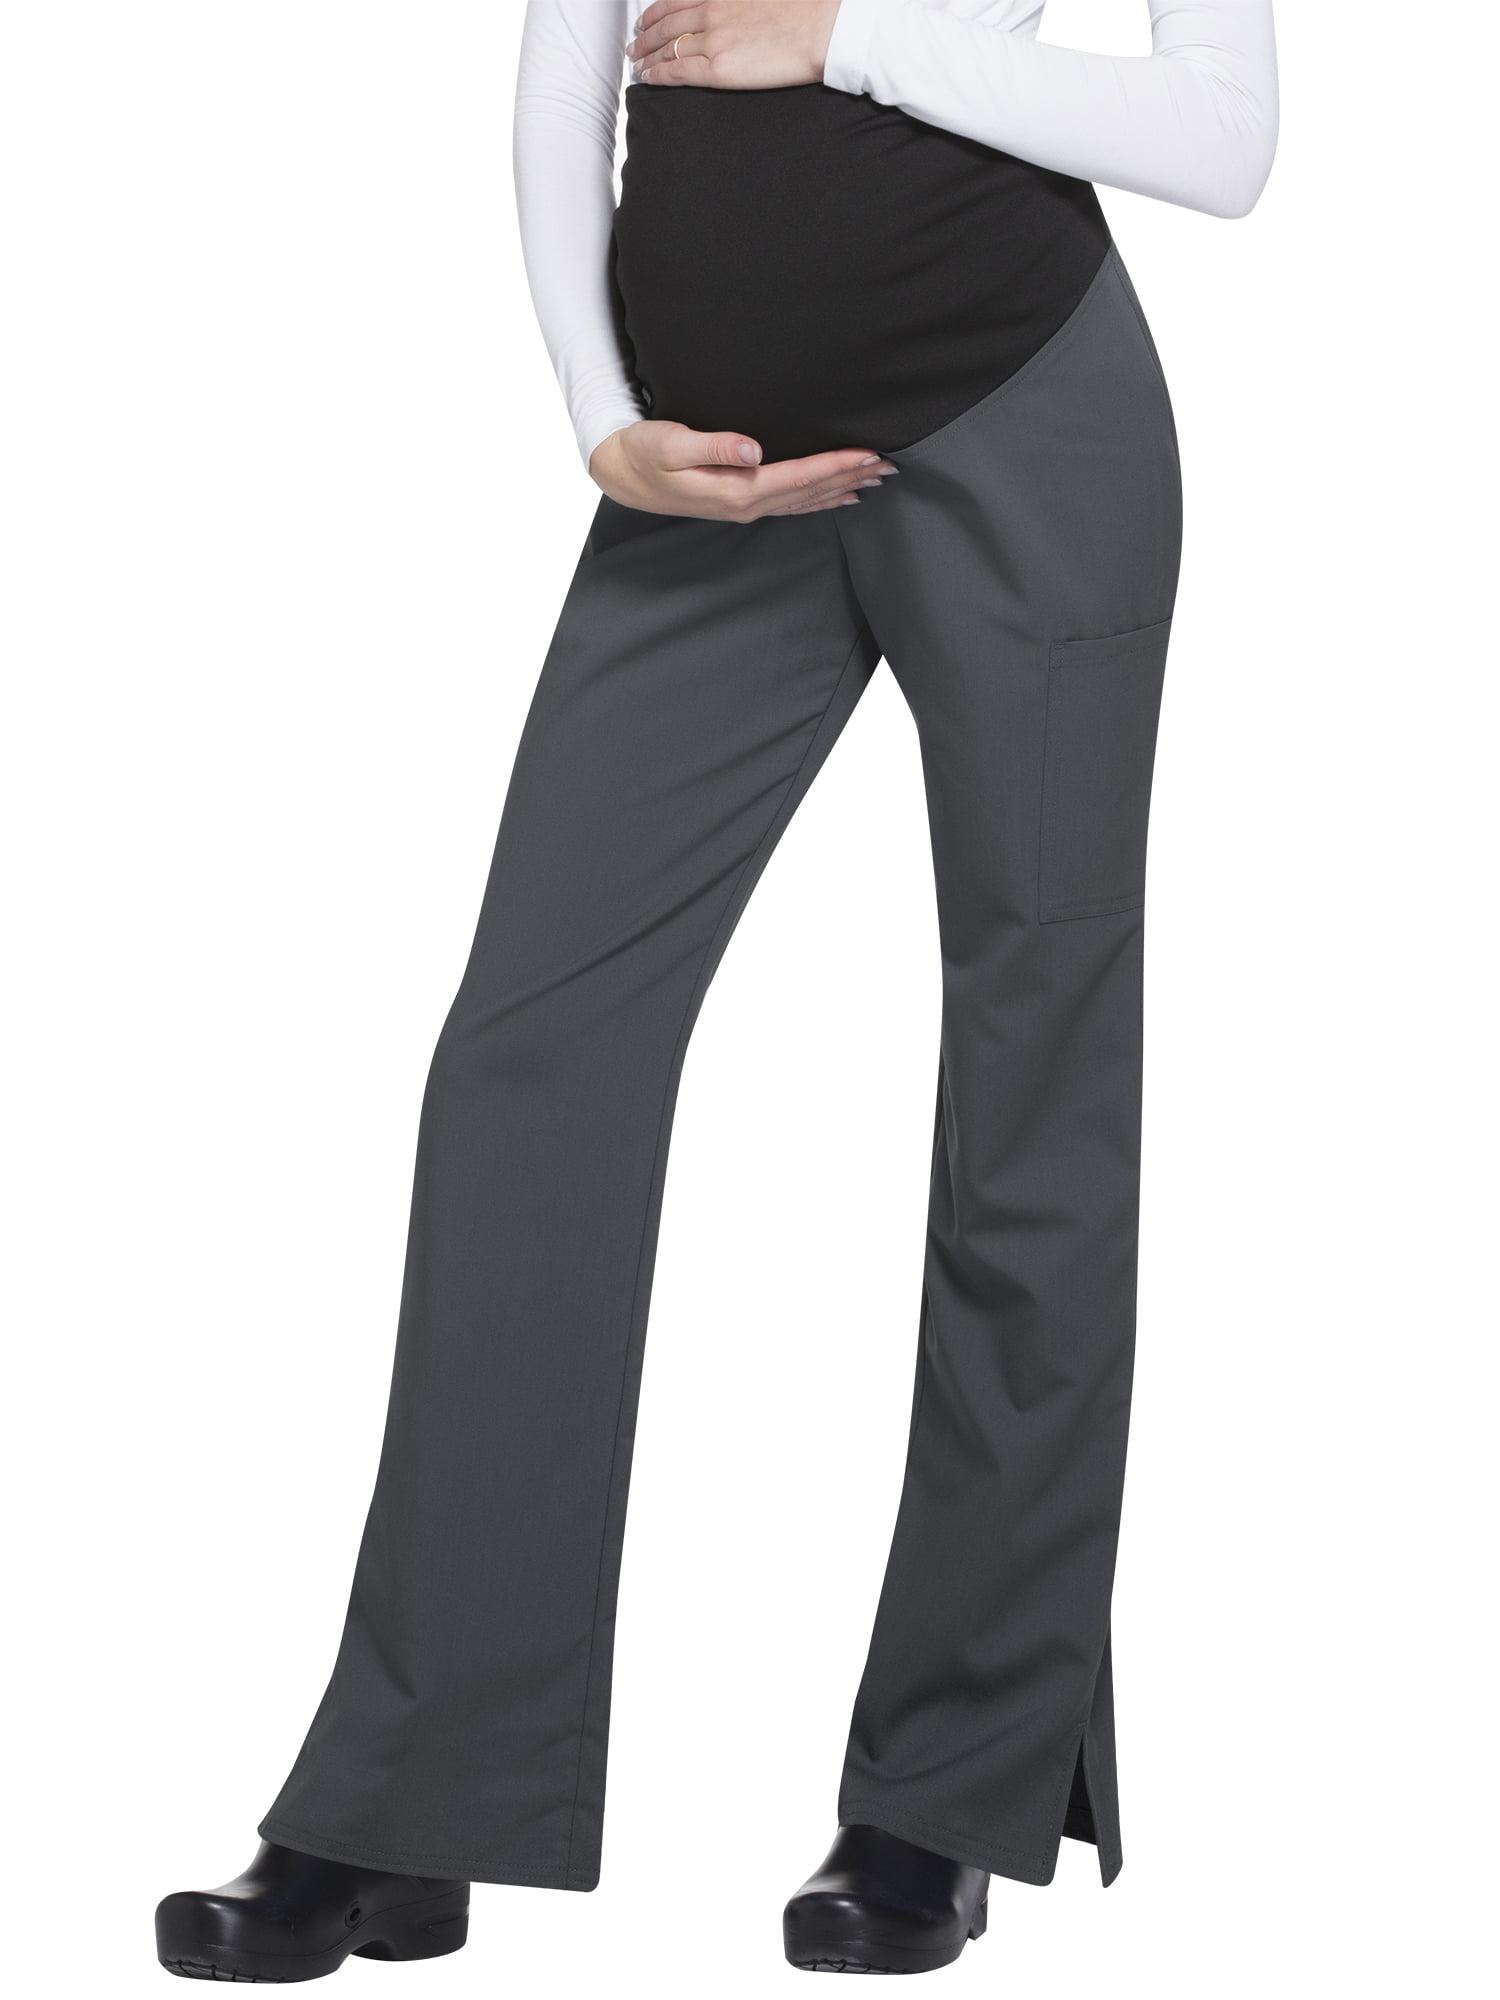 Women's Stretch Rayon Flexible Maternity Scrub Pant